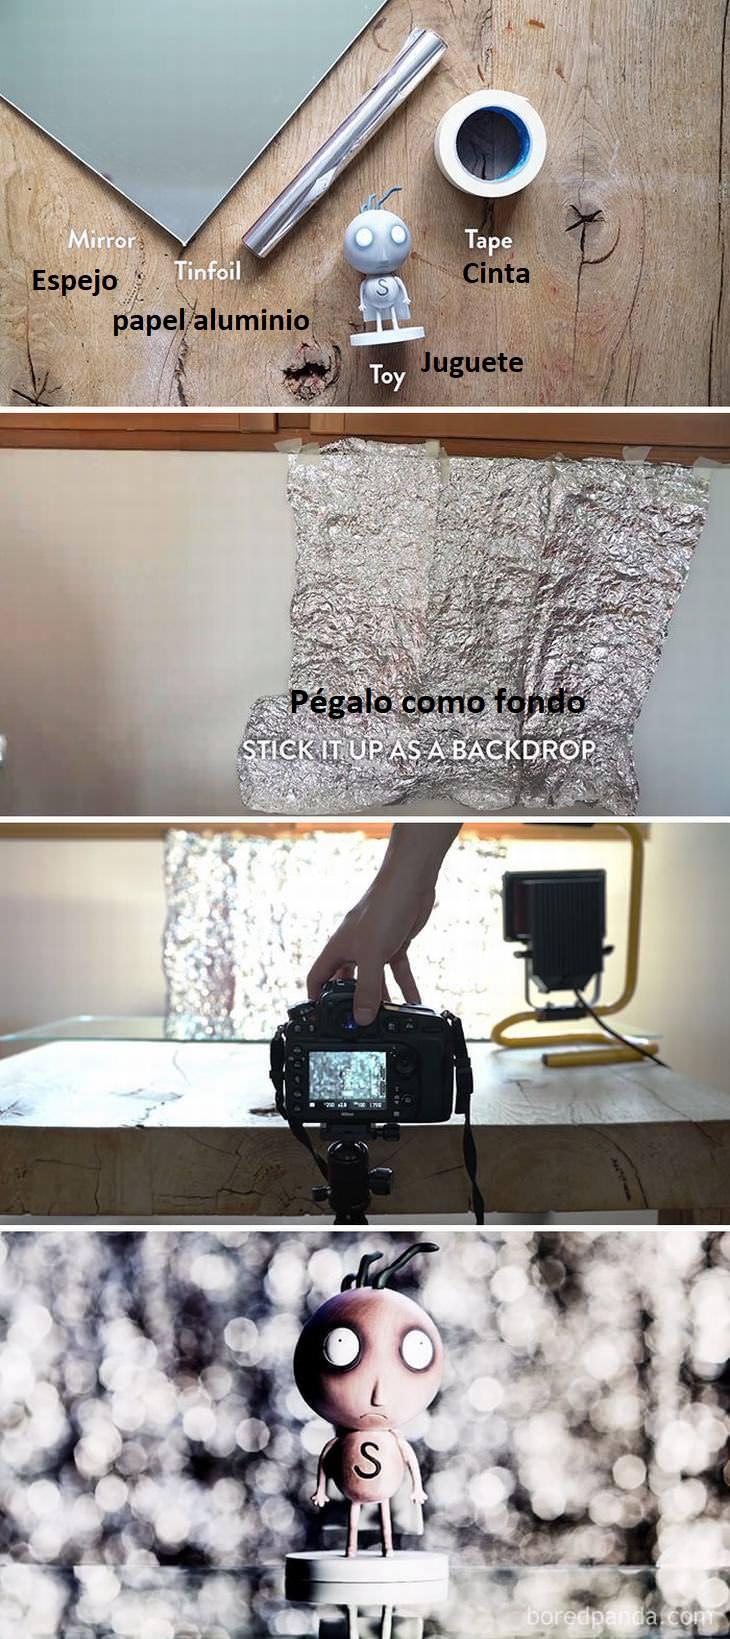 mejorar habilidad fotográficas bajo precio